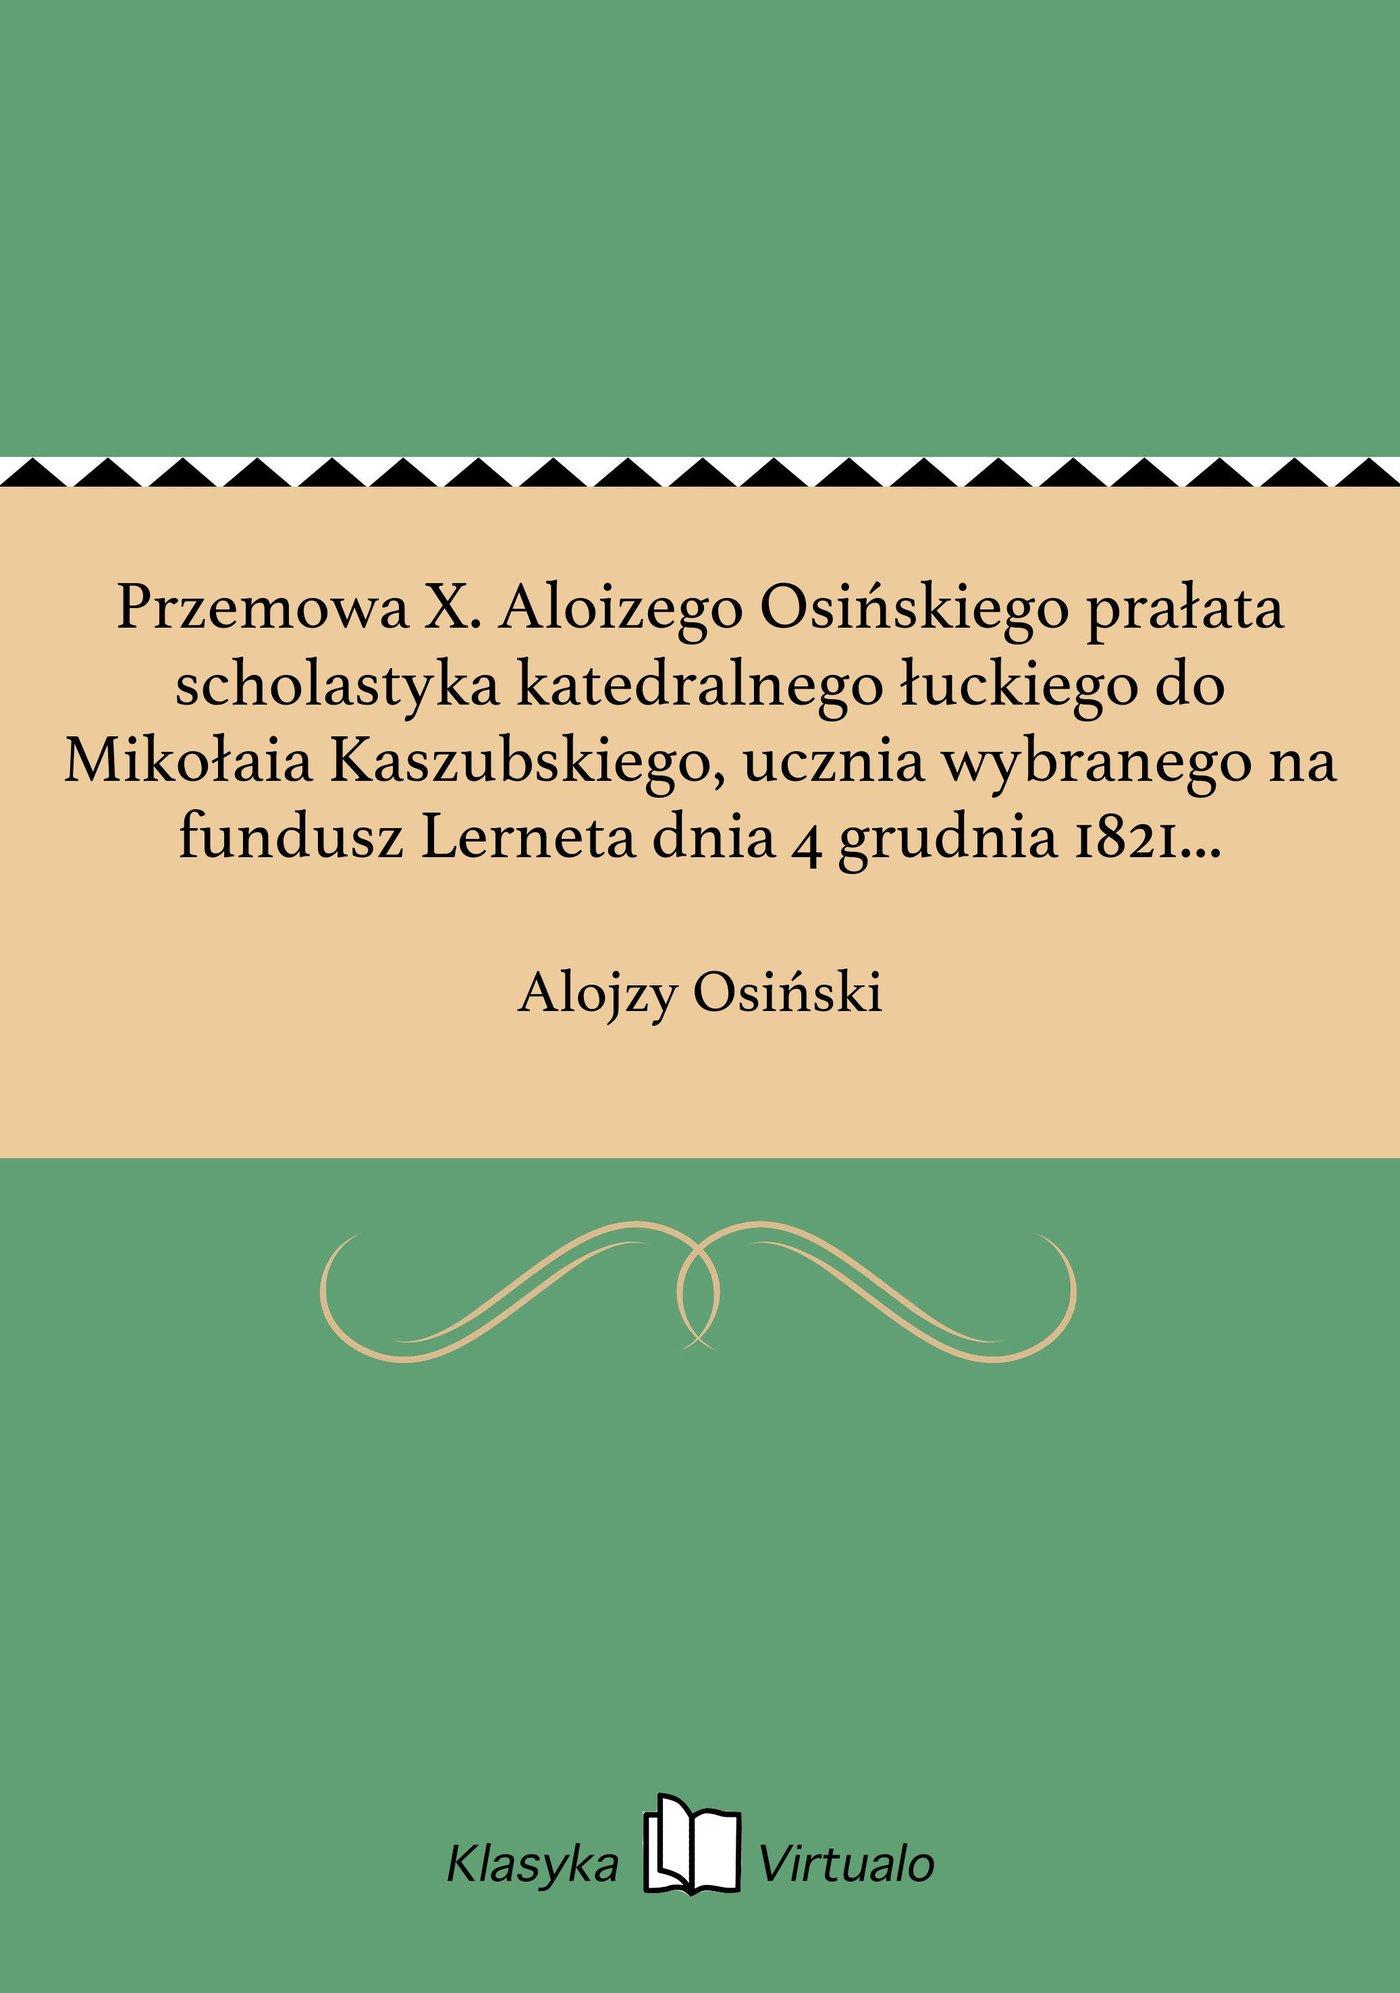 Przemowa X. Aloizego Osińskiego prałata scholastyka katedralnego łuckiego do Mikołaia Kaszubskiego, ucznia wybranego na fundusz Lerneta dnia 4 grudnia 1821 w Krzemieńcu. - Ebook (Książka EPUB) do pobrania w formacie EPUB